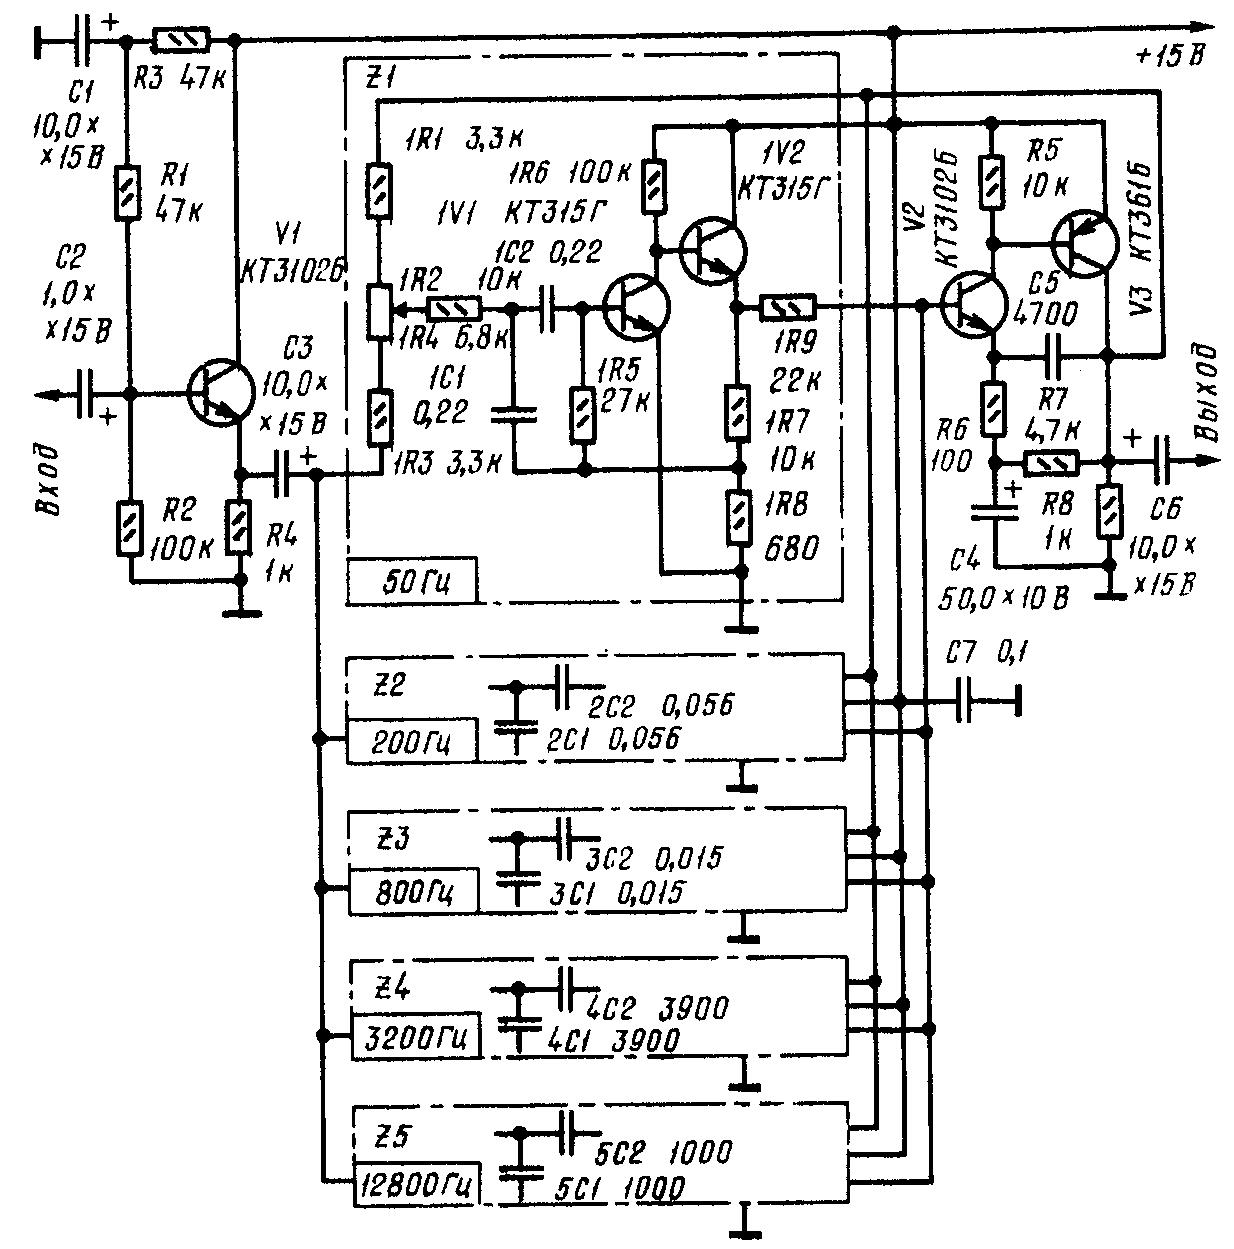 Принципиальная схема пятиполосного эквалайхера на транзисторах